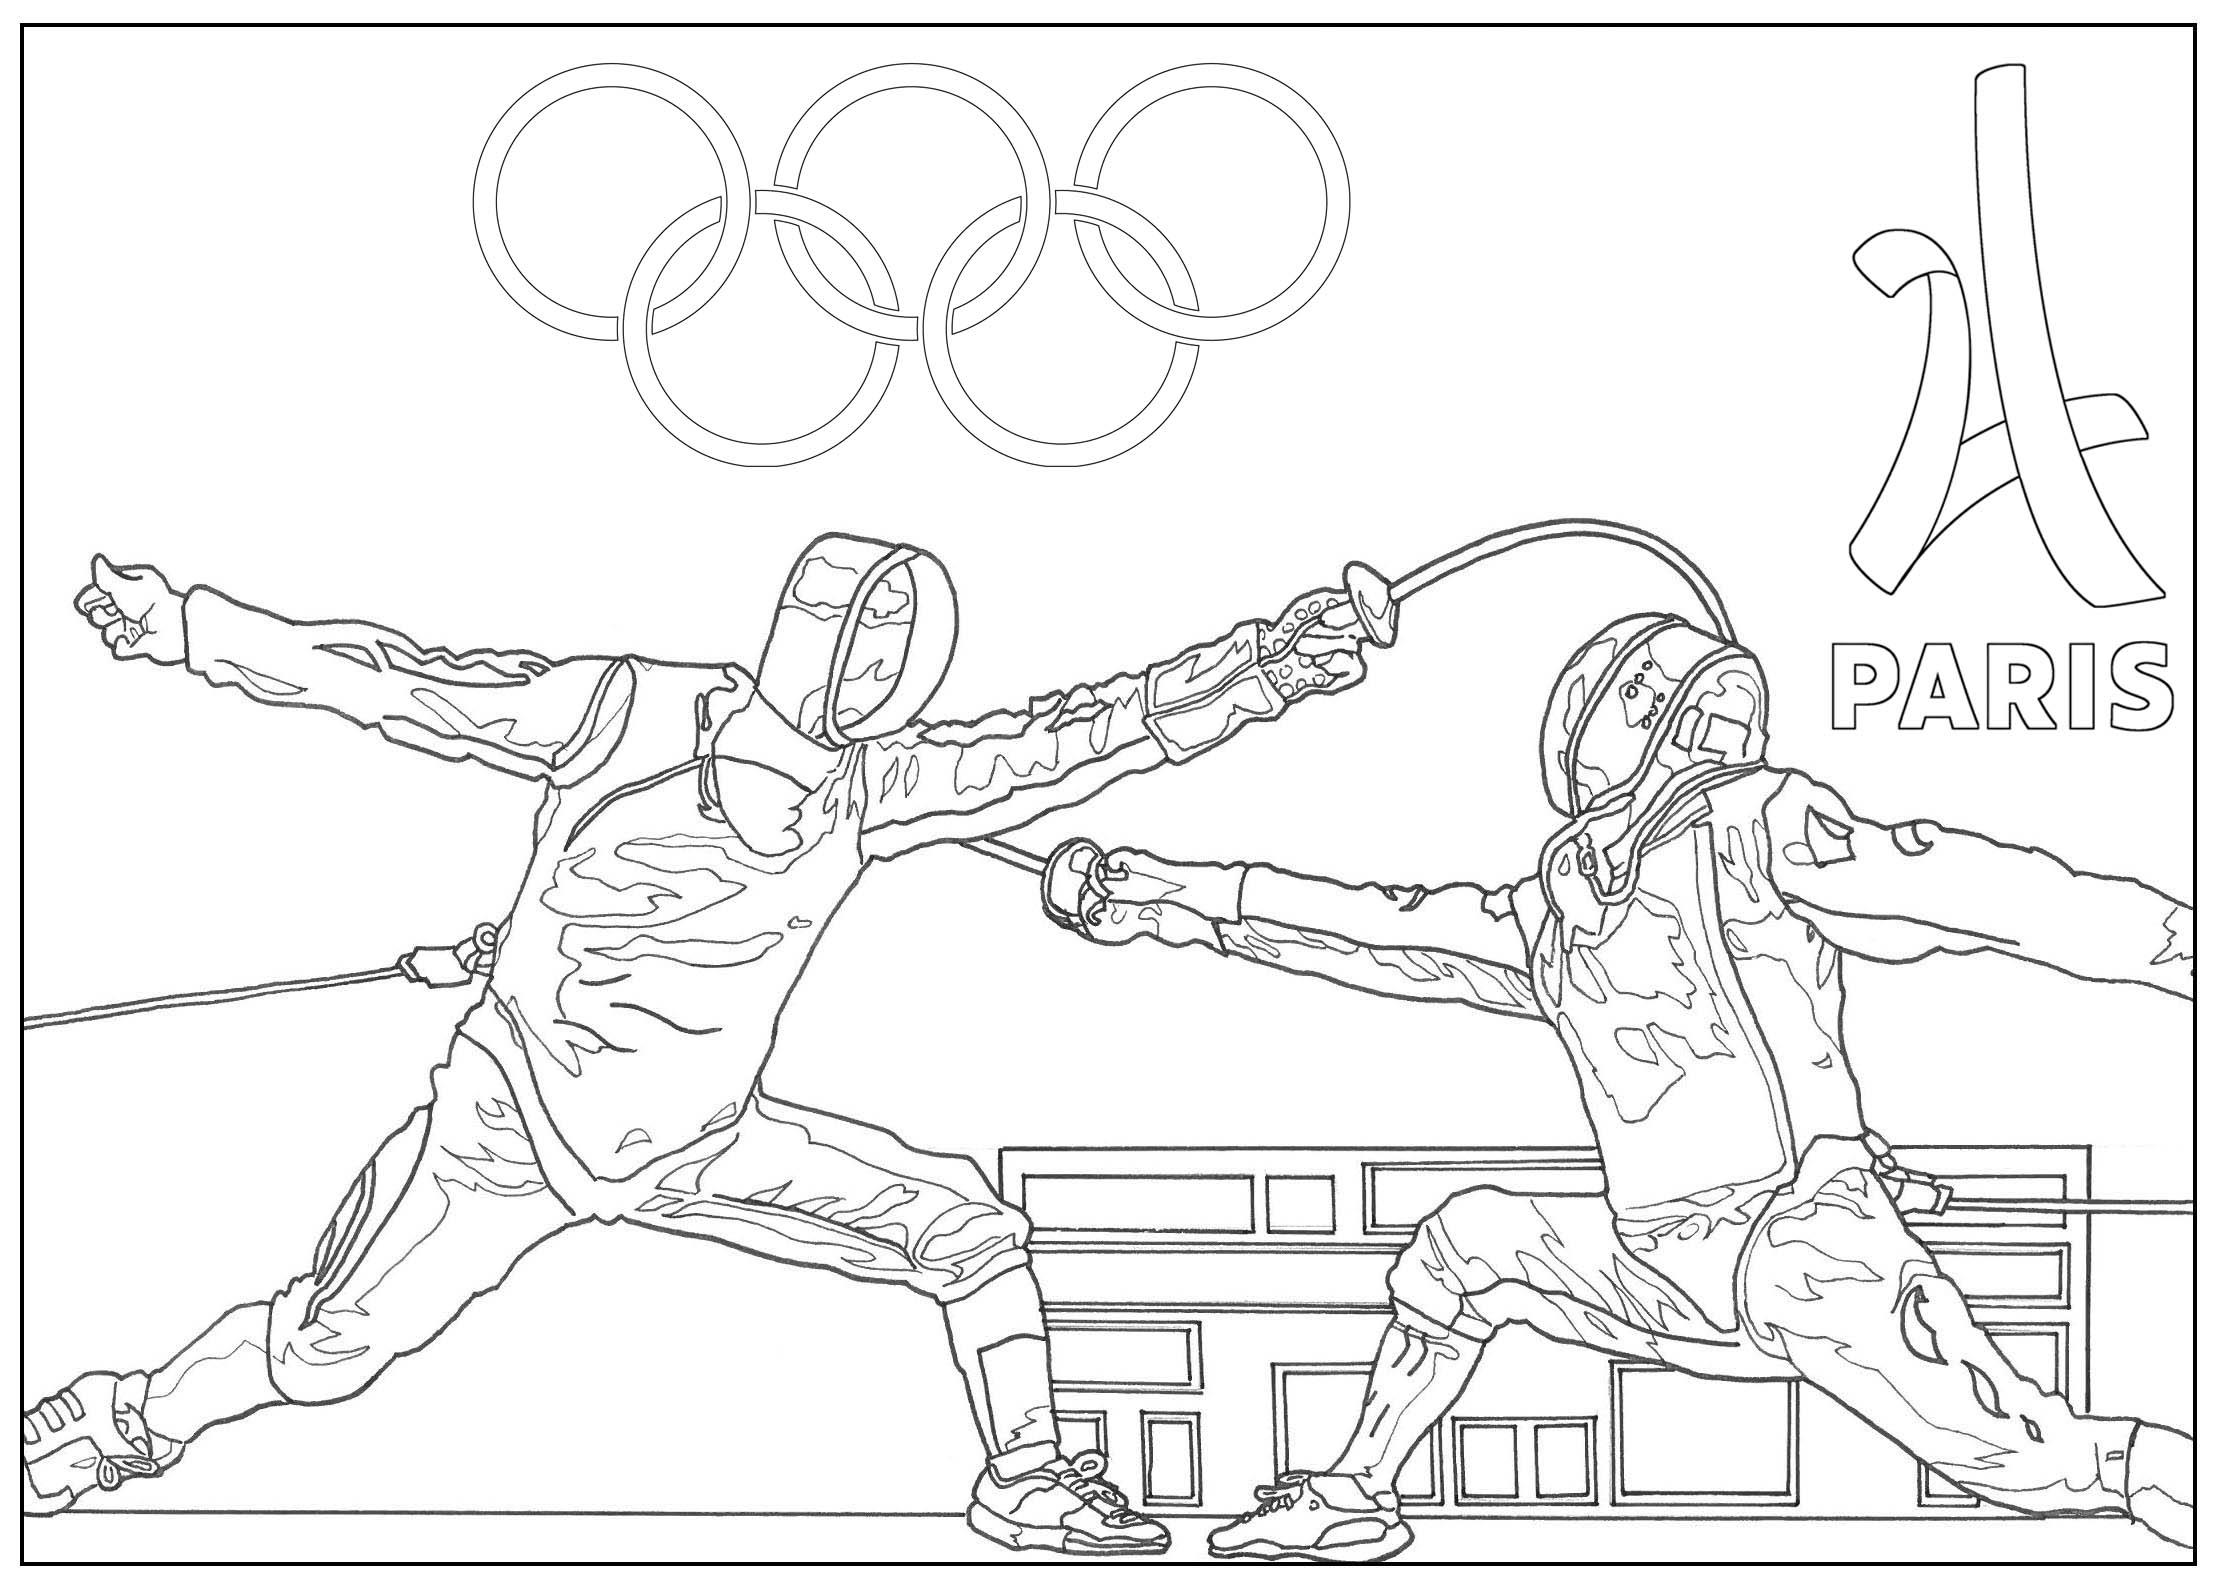 Jeux Olympiques de Paris 2024 : L'escrime